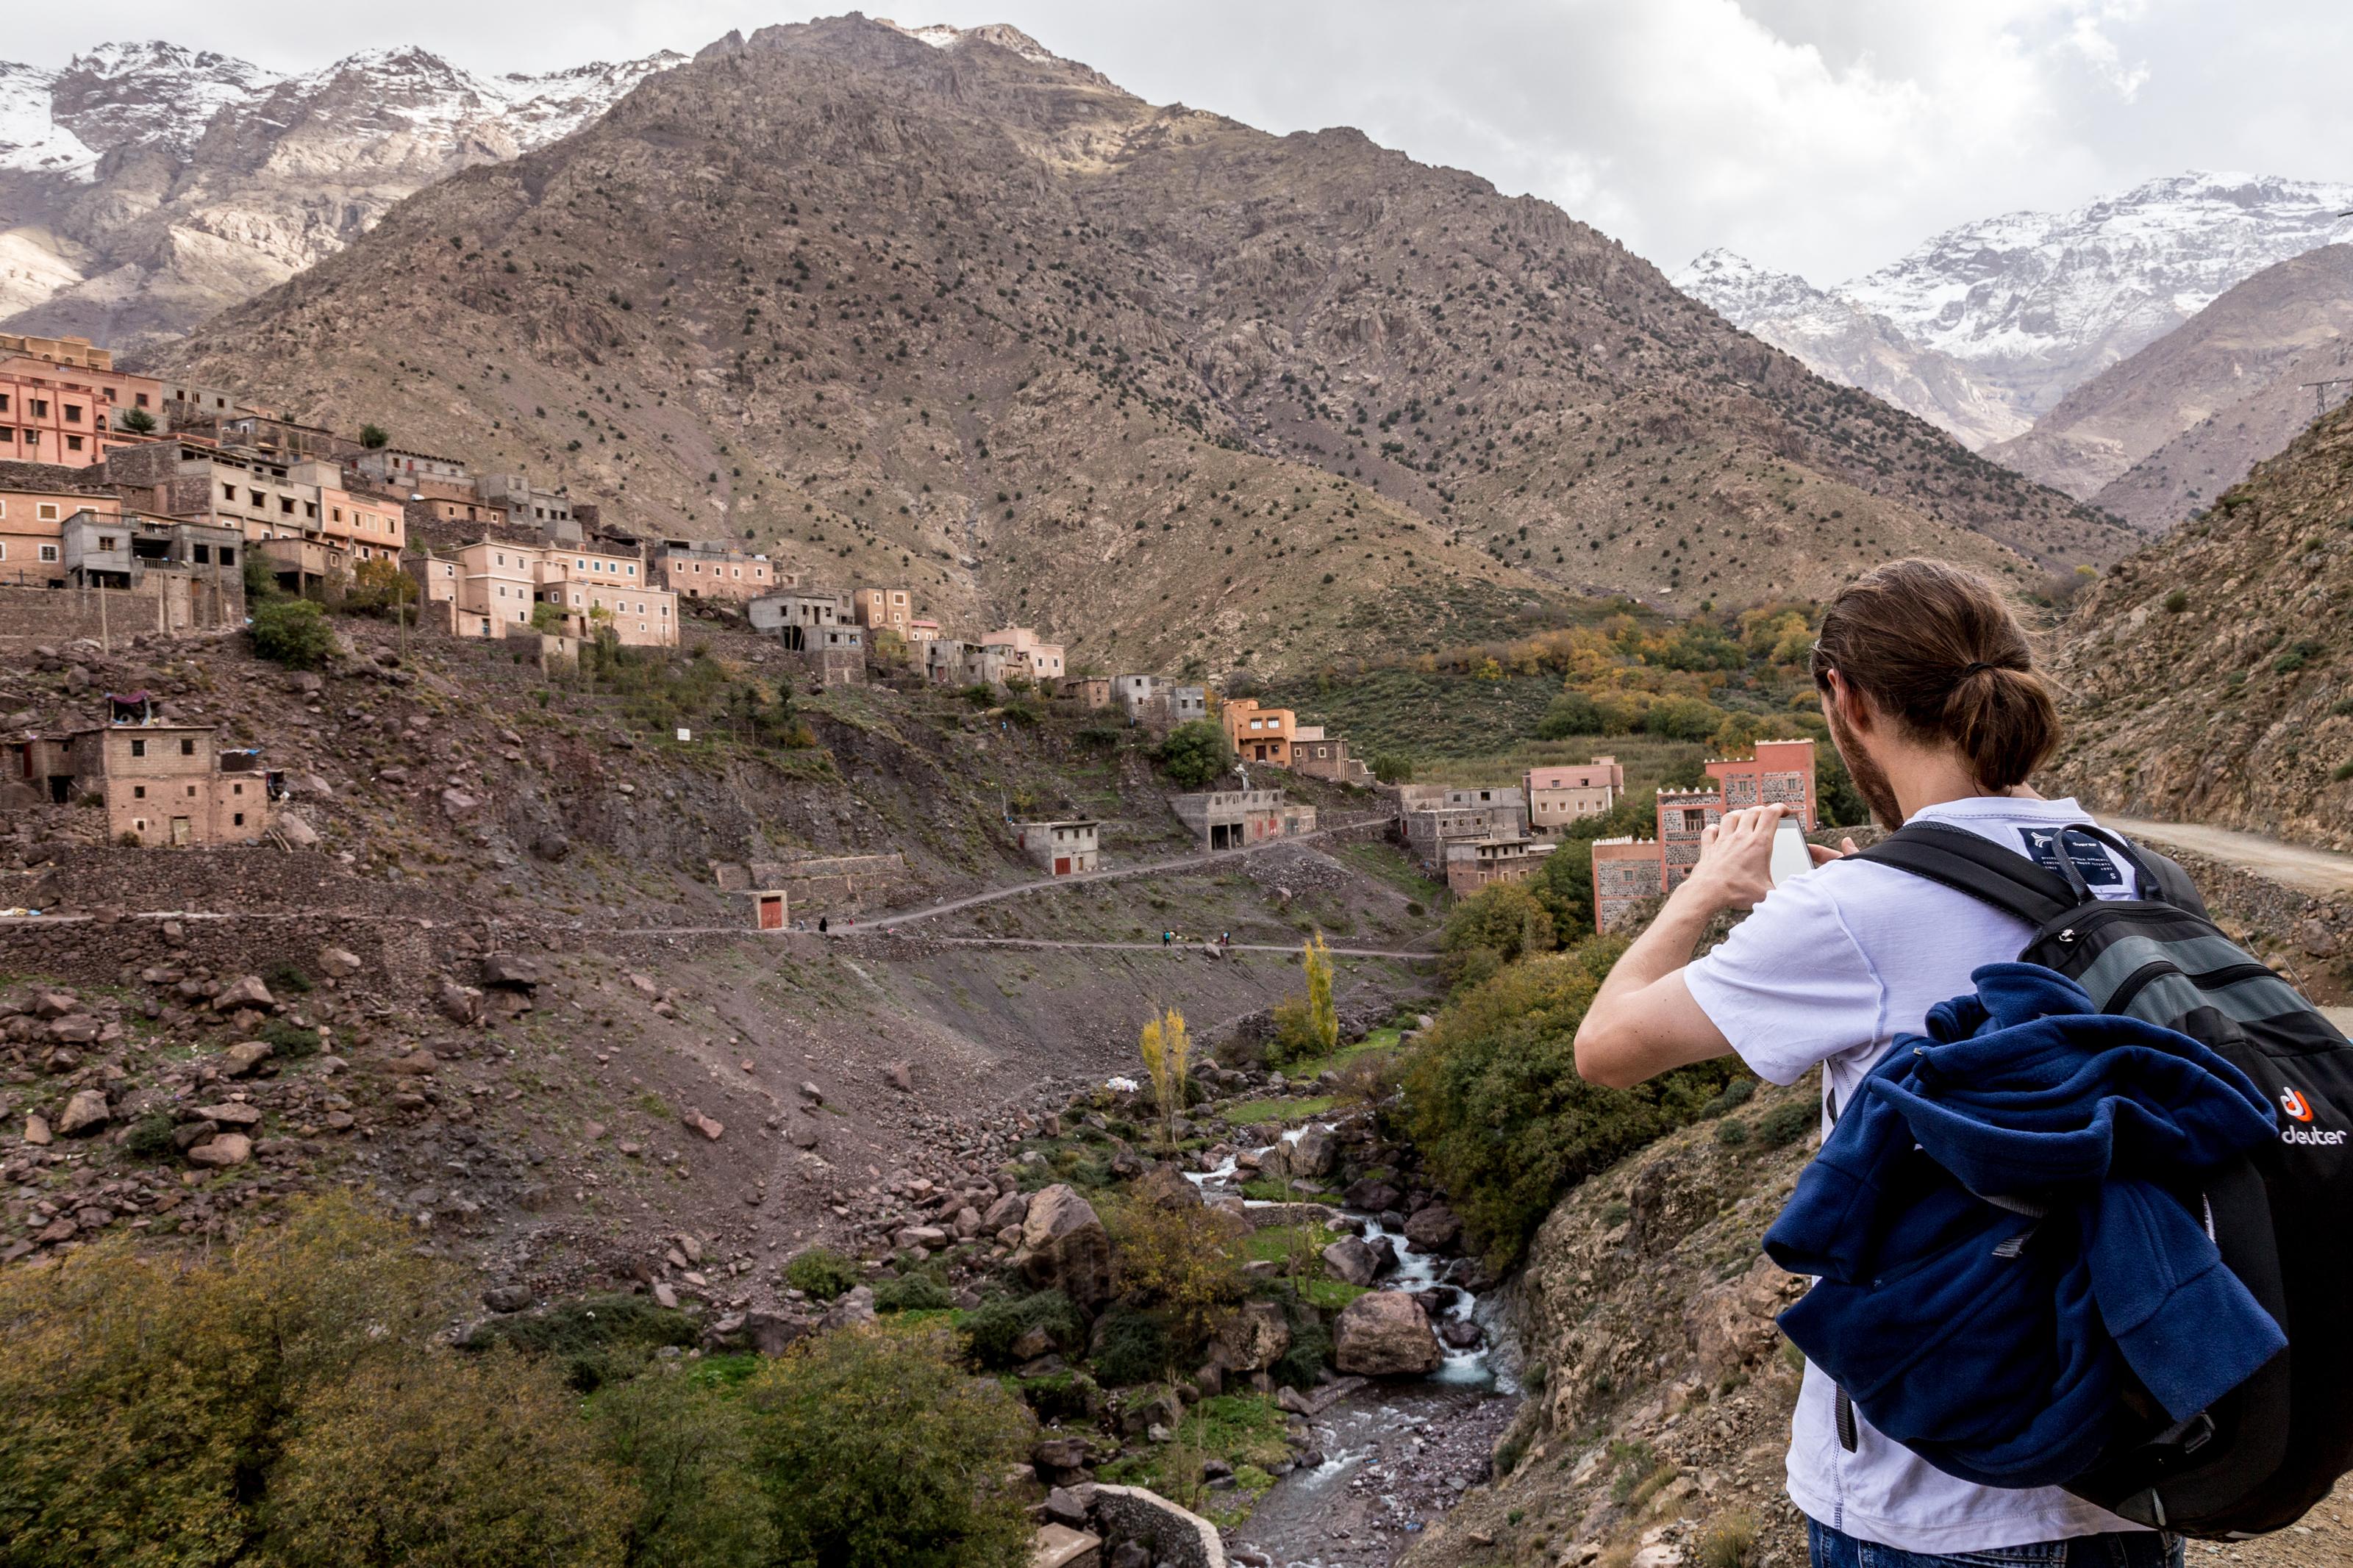 سائح أجنبي قرب جبل توبقال بالمغرب (أرشيف)